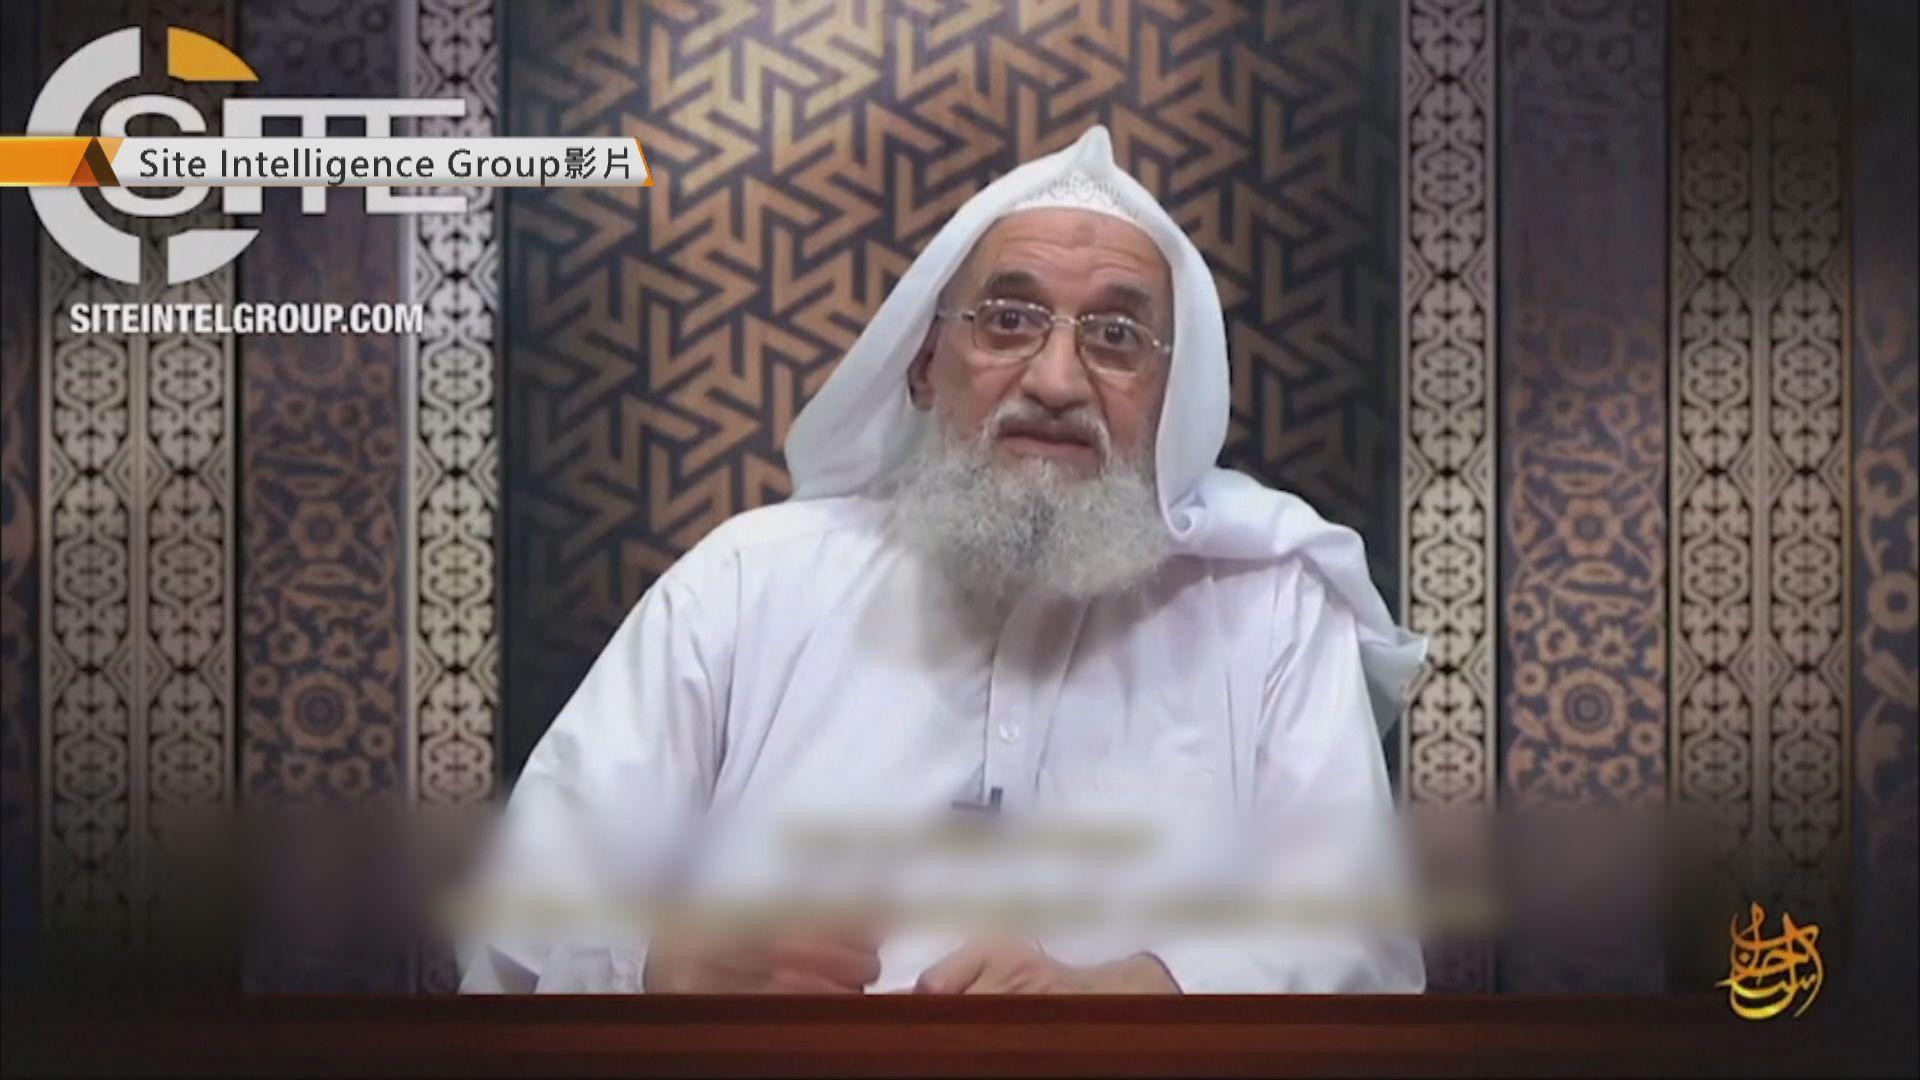 阿爾蓋達領袖扎瓦希里發表錄影講話